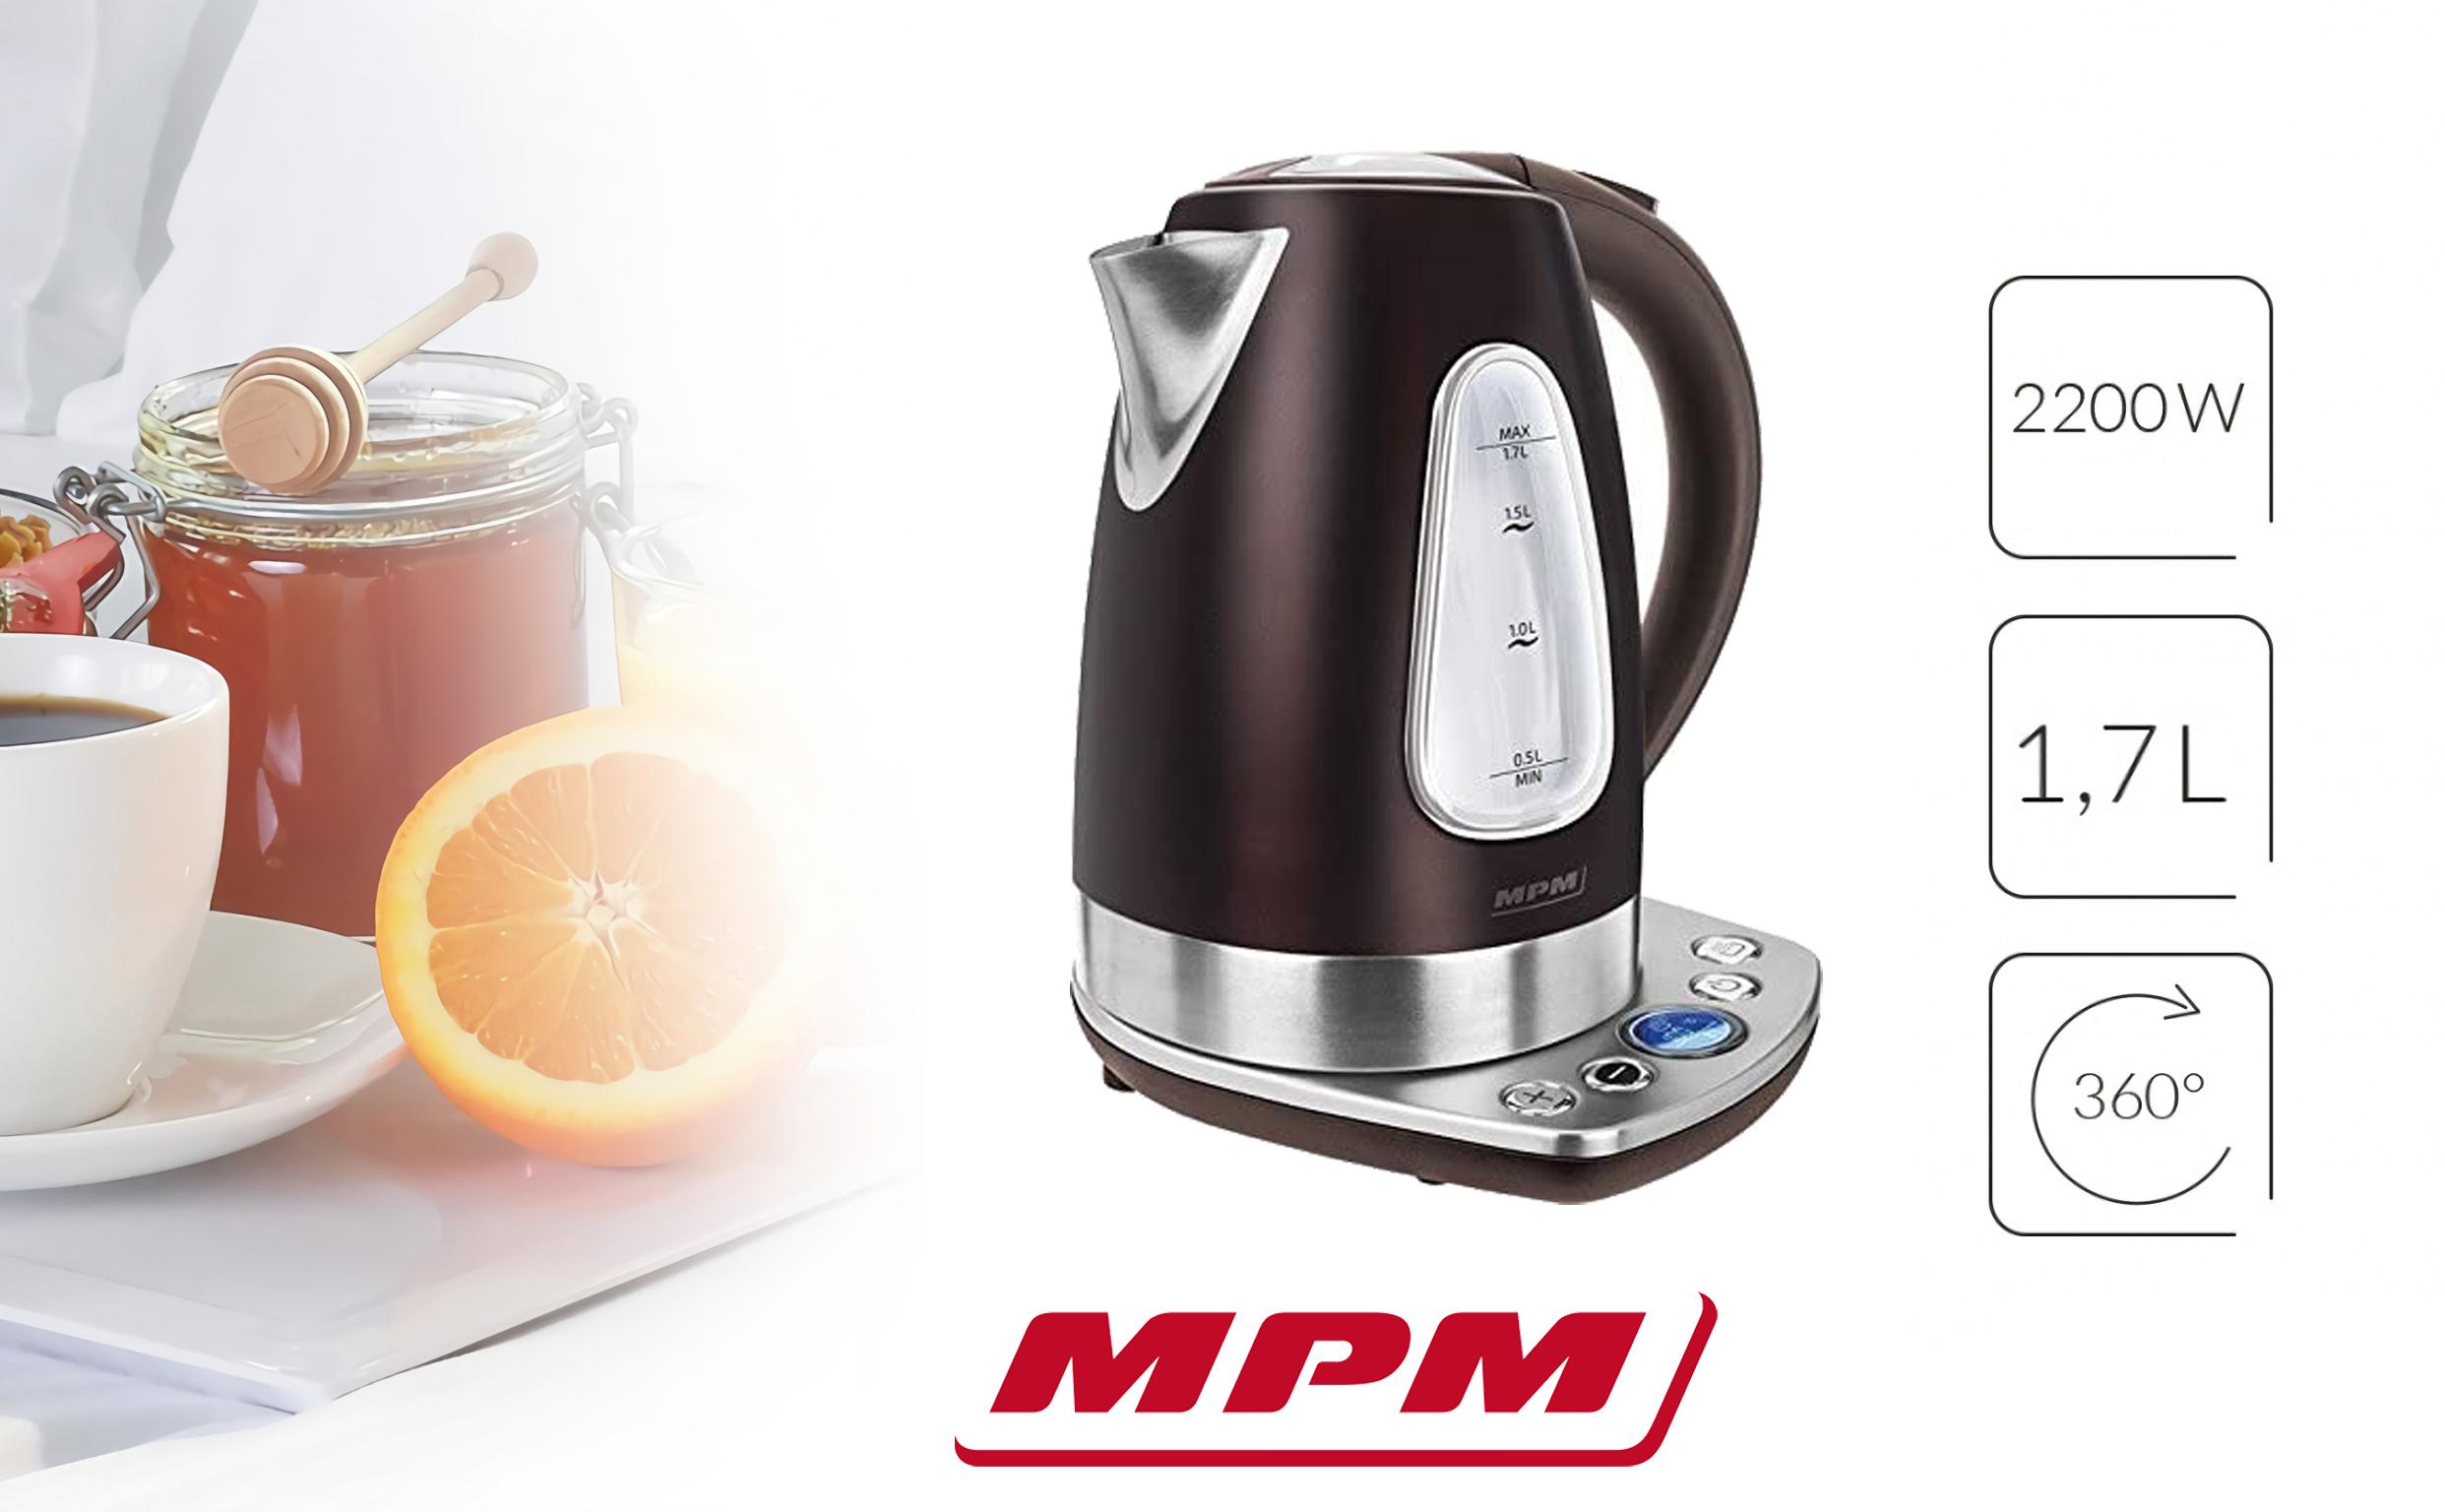 MPM MCZ-57/B1 Hervidor de Agua Eléctrico con Panel de Control, Inalámbrico de Acero Inoxidable, 1,7 Litros, 2200W, Libre de BPA